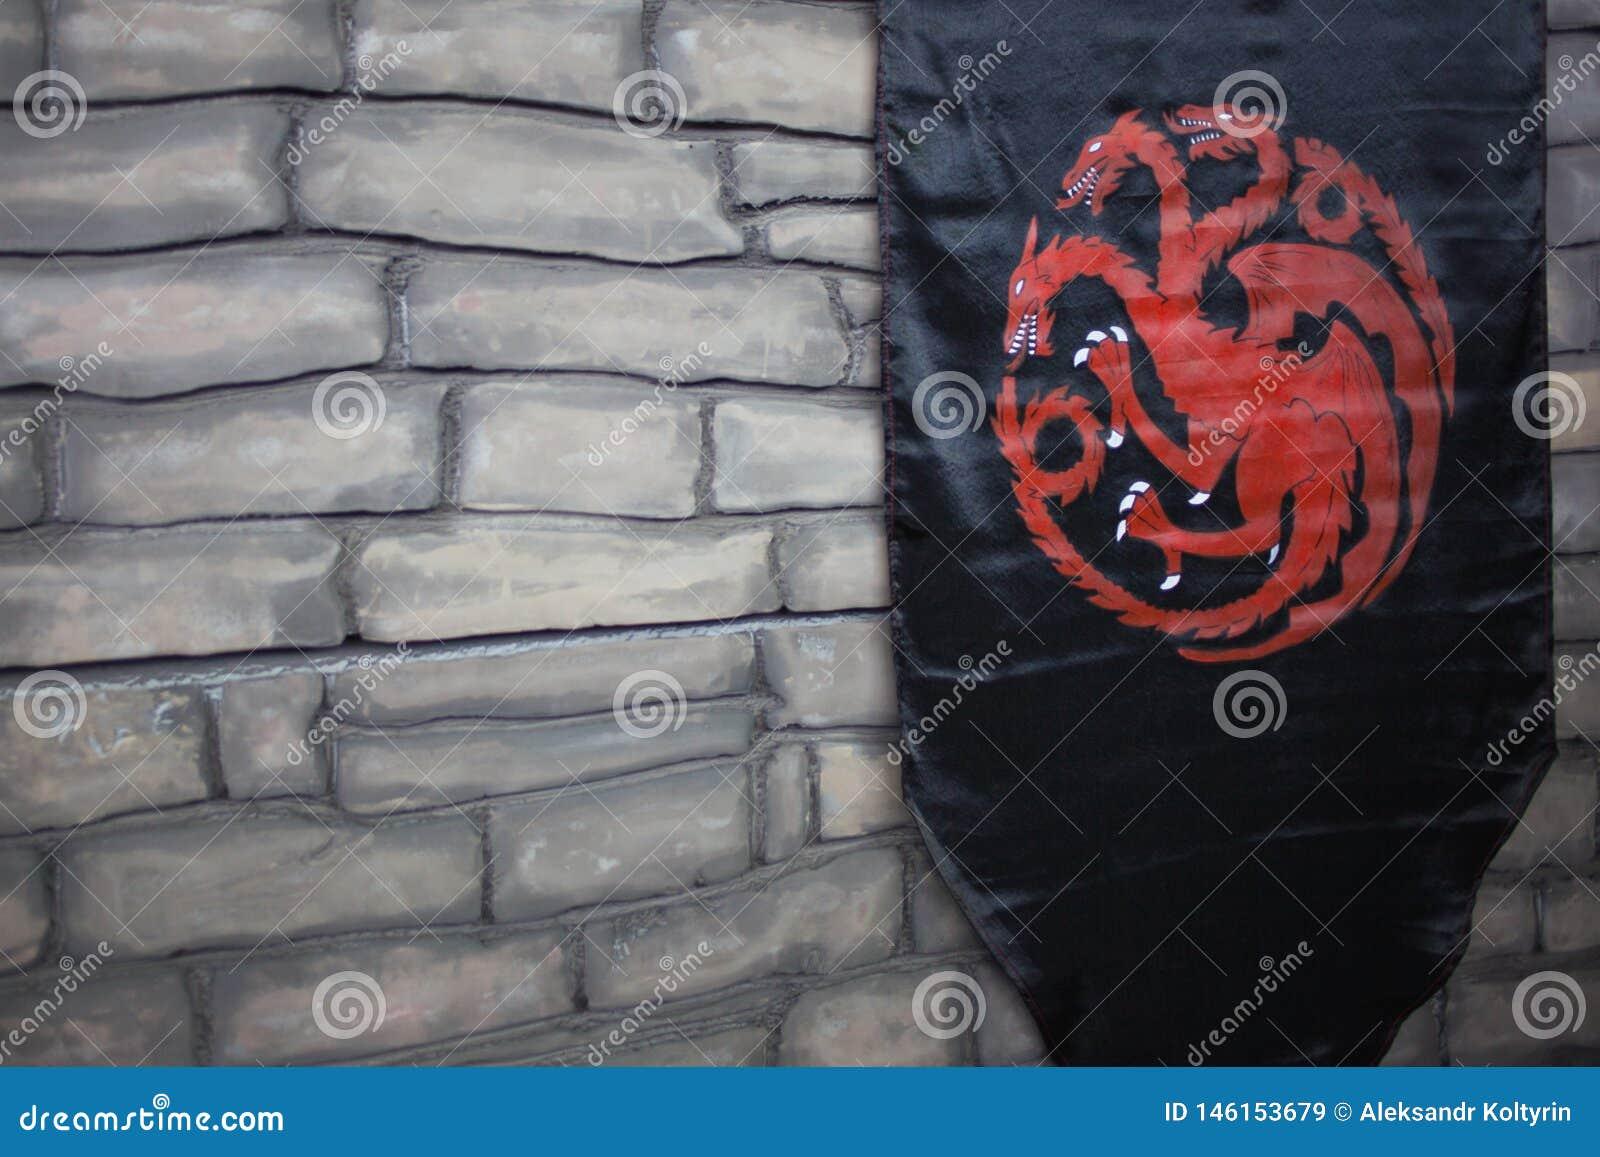 ST PETERSBOURG, RUSSIE - 27 AVRIL 2019 : Jeu des trônes, drapeau avec la maison de Targaryen